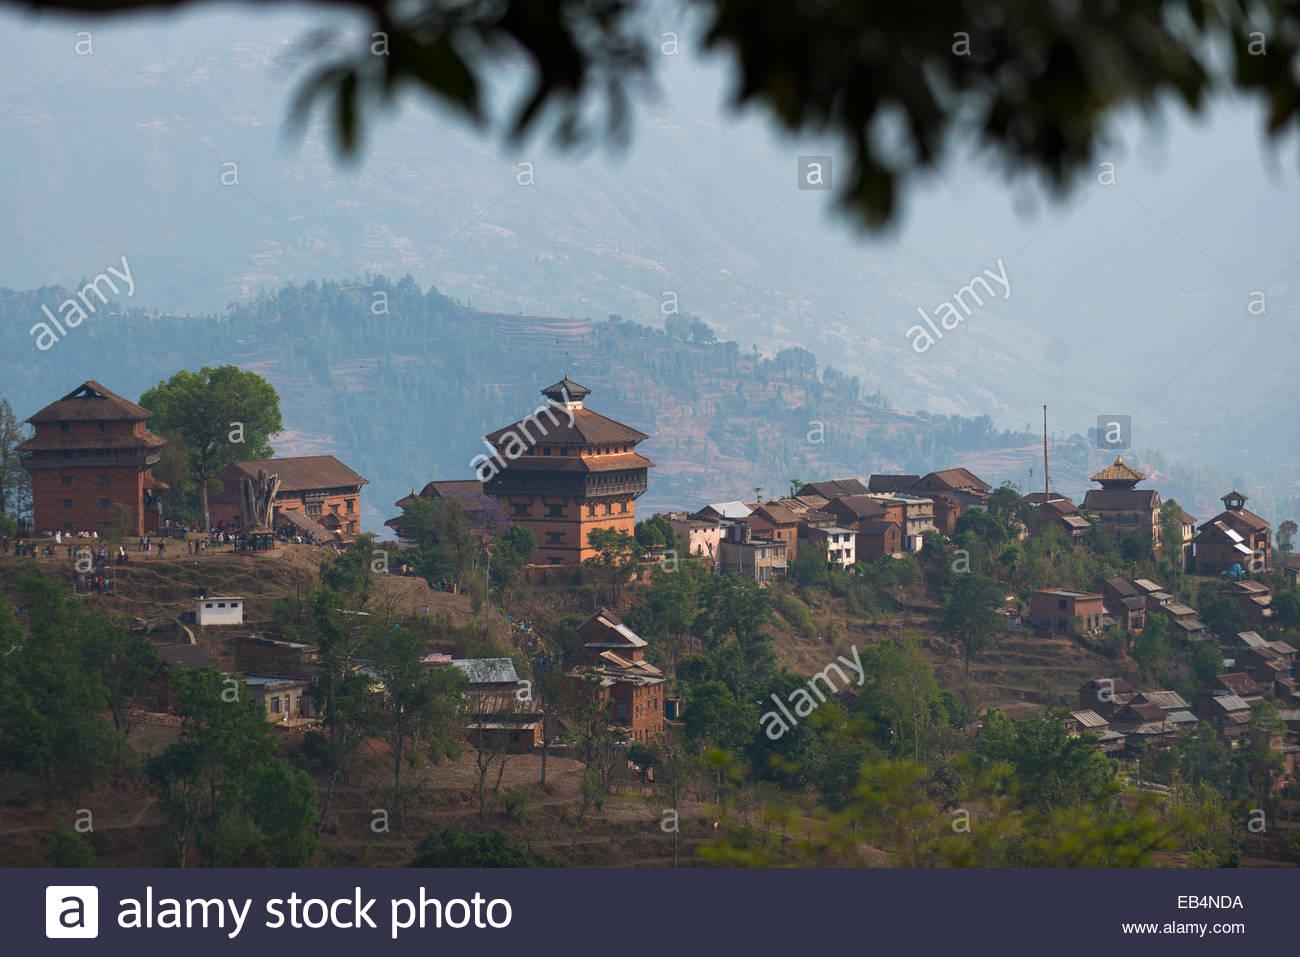 Das historische Dorf der Newari Nuwakot in Nepal Stockbild